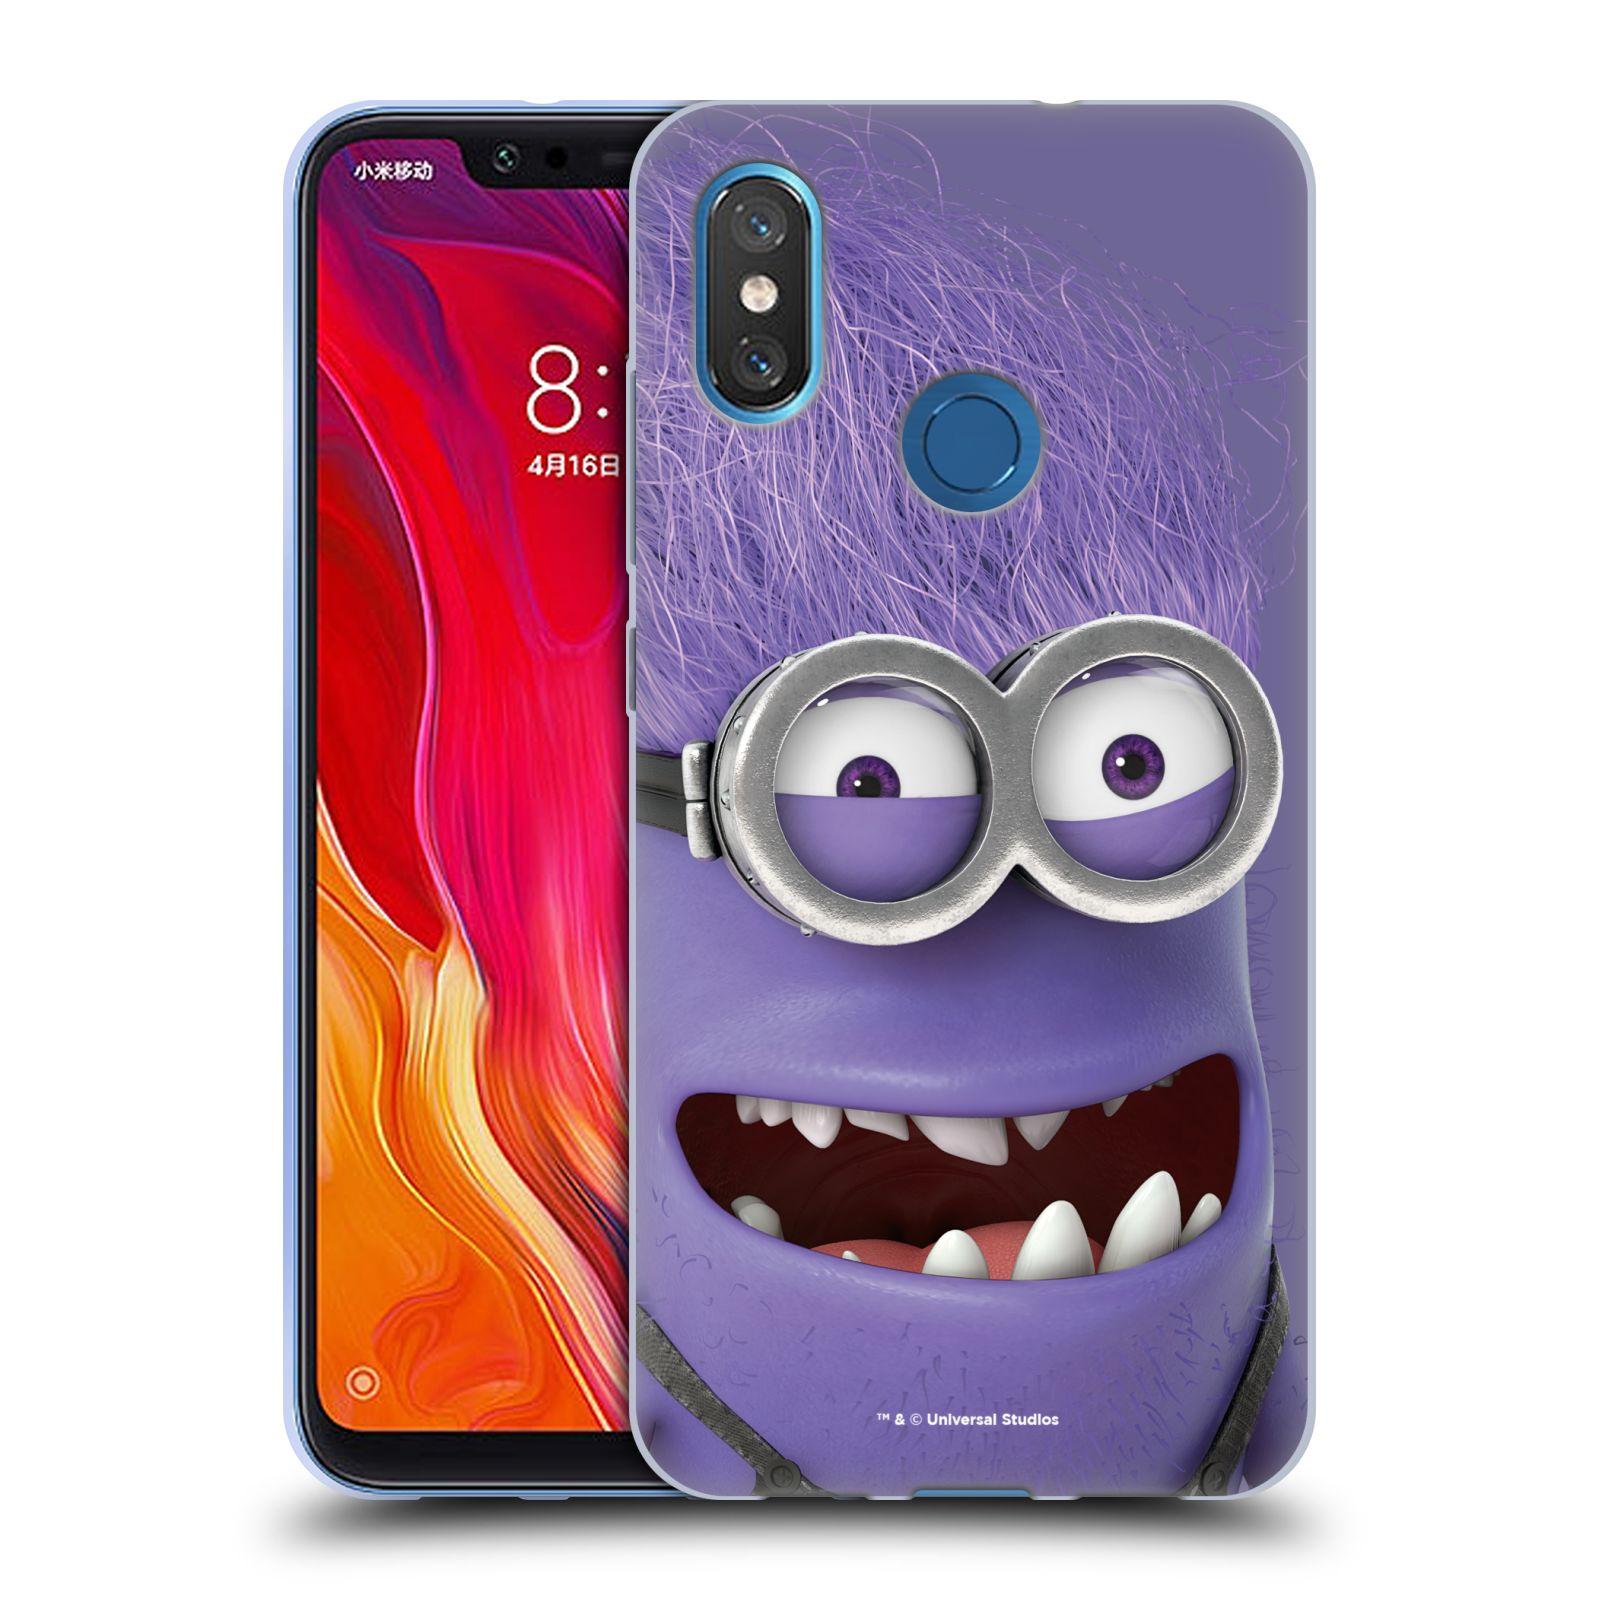 Silikonové pouzdro na mobil Xiaomi Mi8 - Head Case - Zlý Mimoň z filmu Já, padouch - Despicable Me